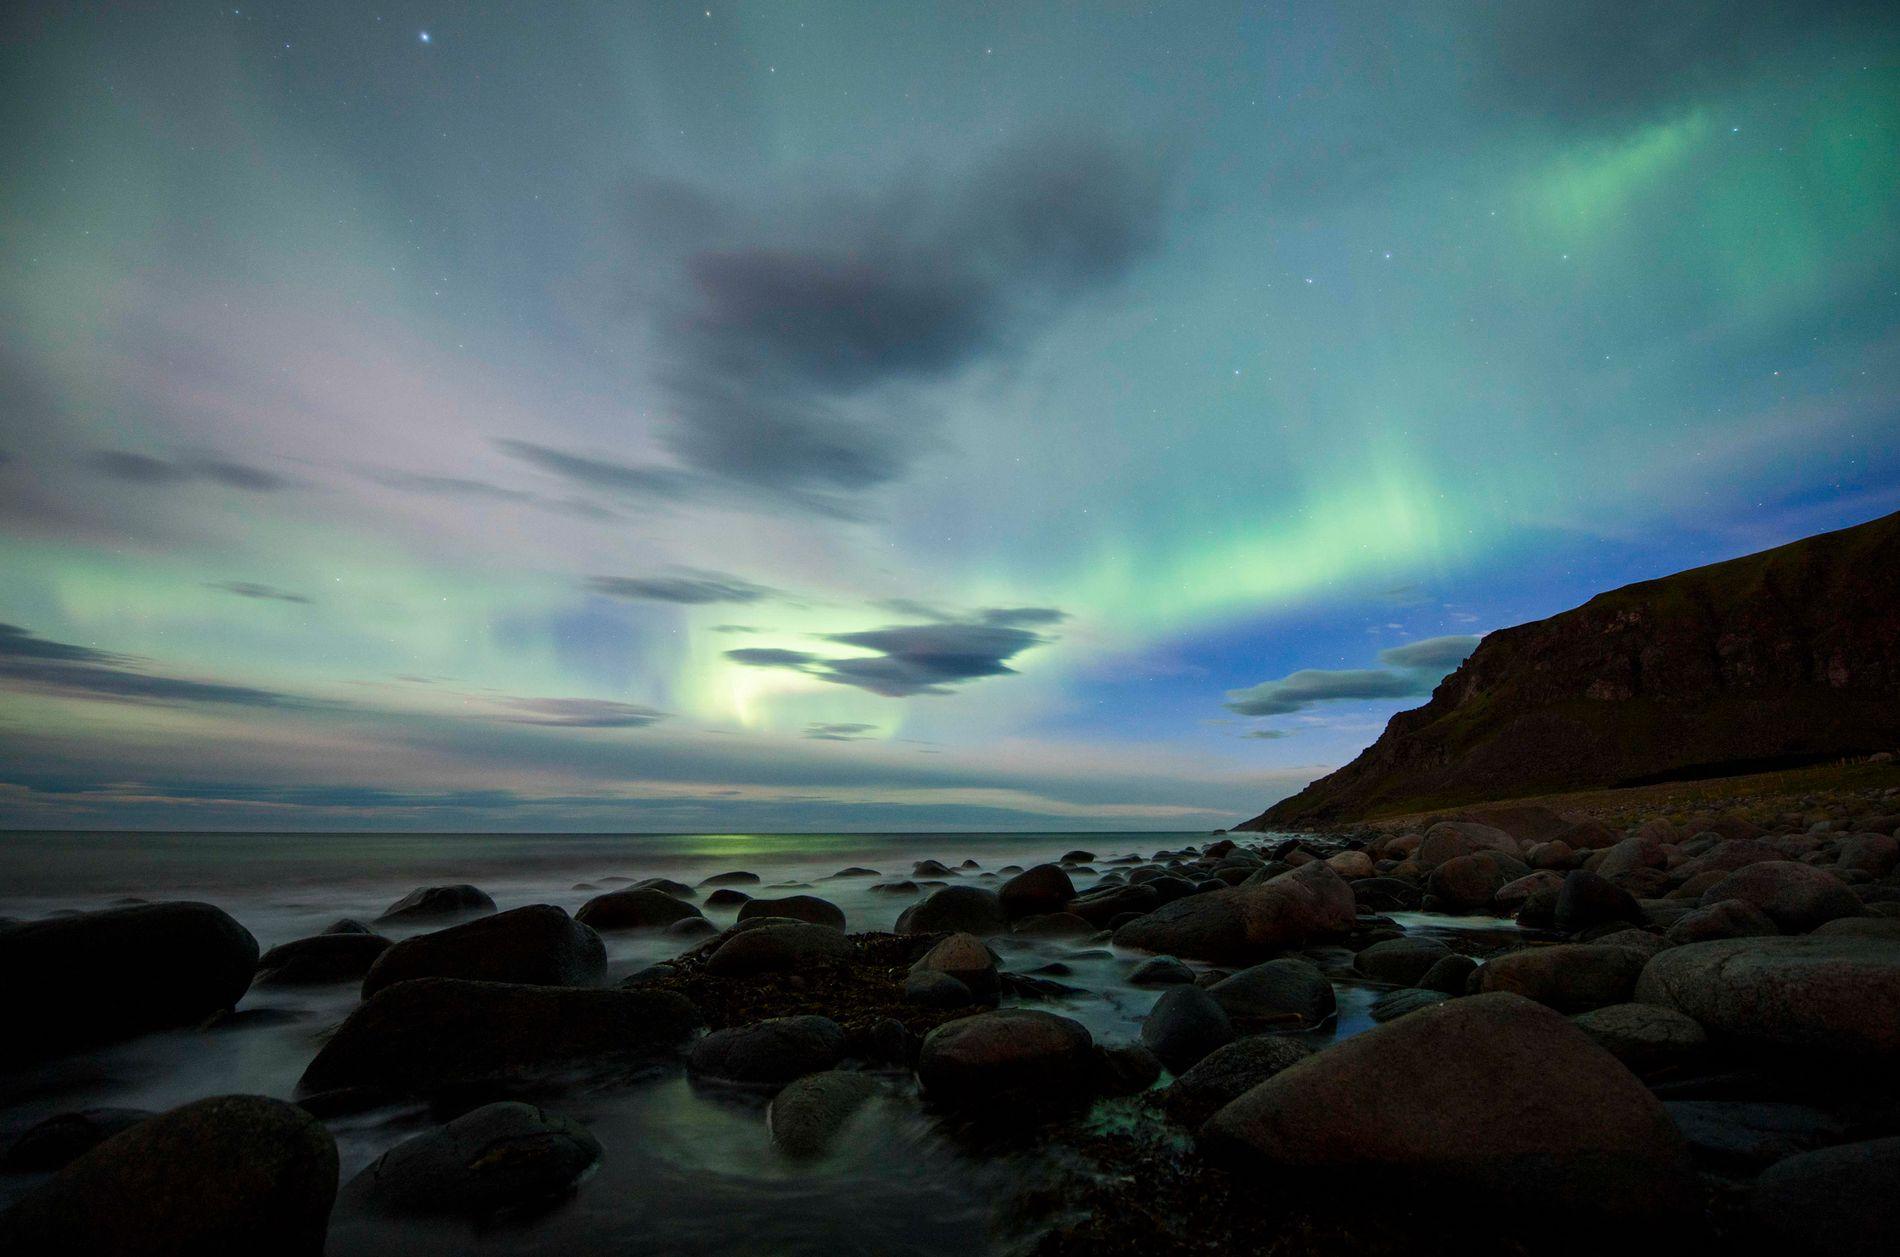 NORDLYS: Himmelfenomenet nordlys over en av strendene på Flakstad, ytterst i Lofoten.